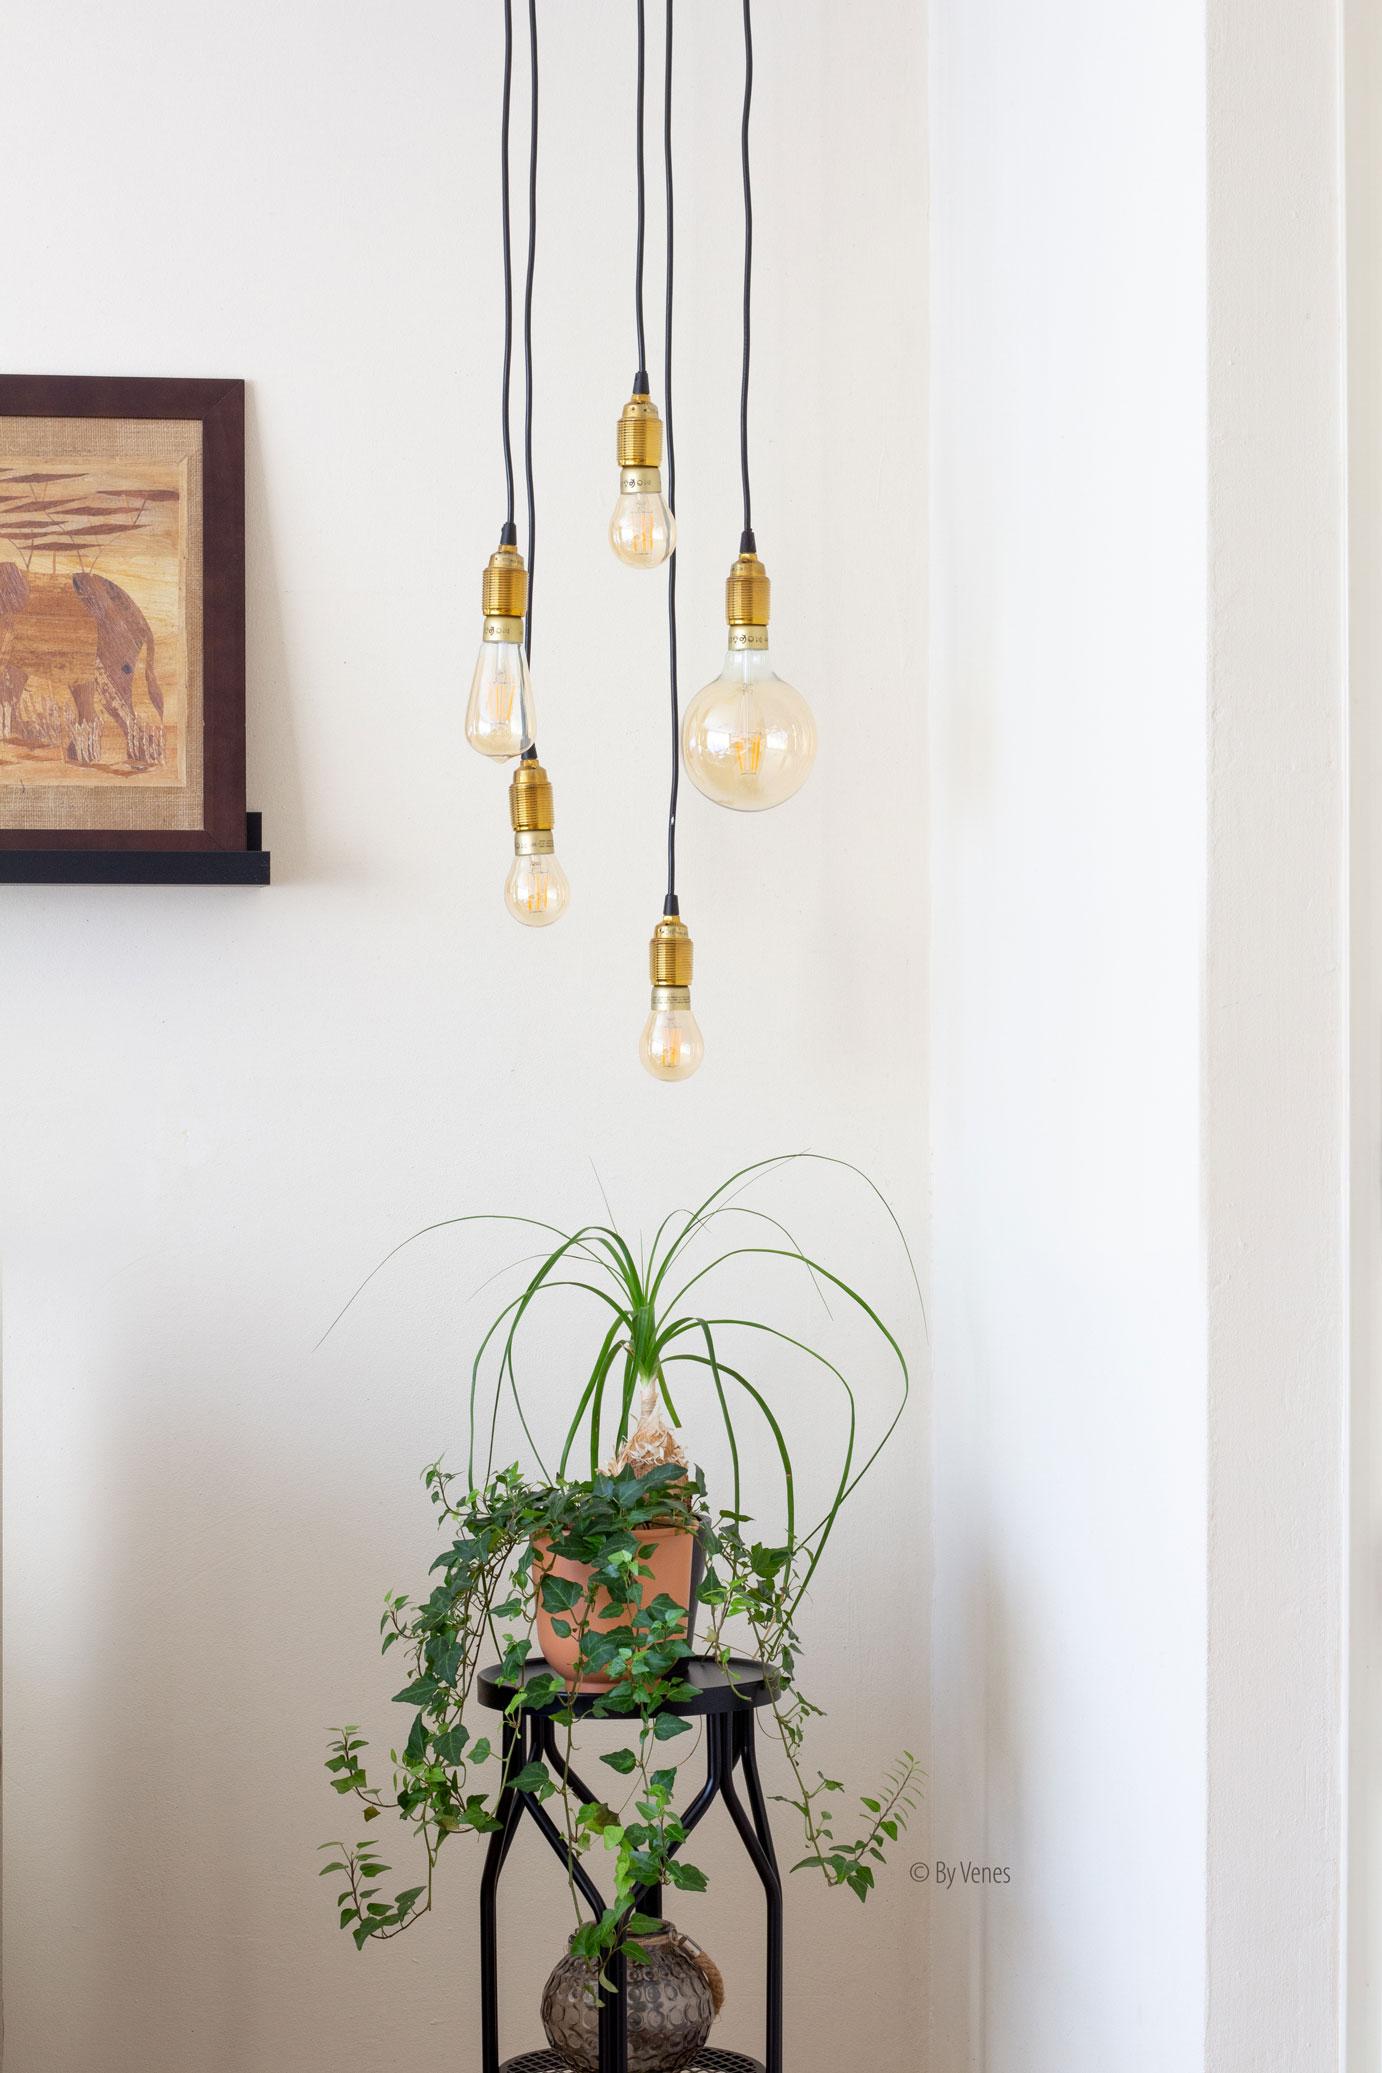 Hanglamp Ilse. vier verschillende trendy hanglampen woonkamer